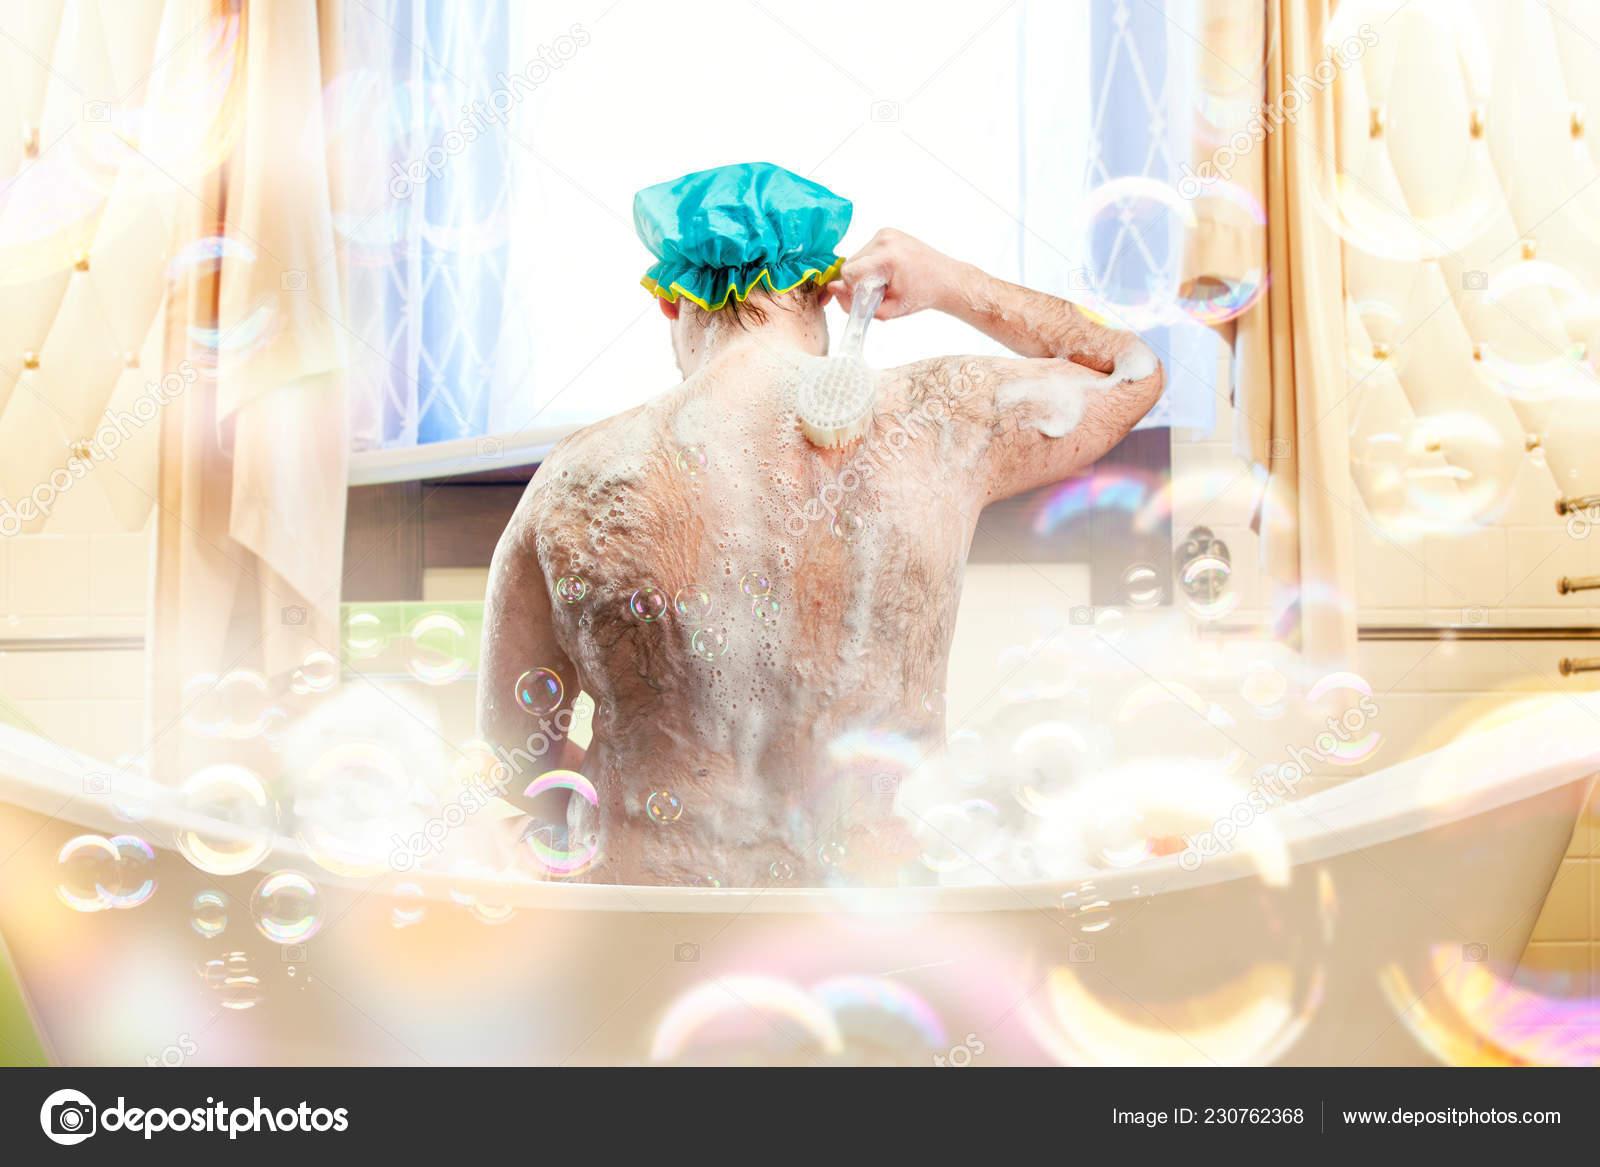 lesbienne baignoire sexe